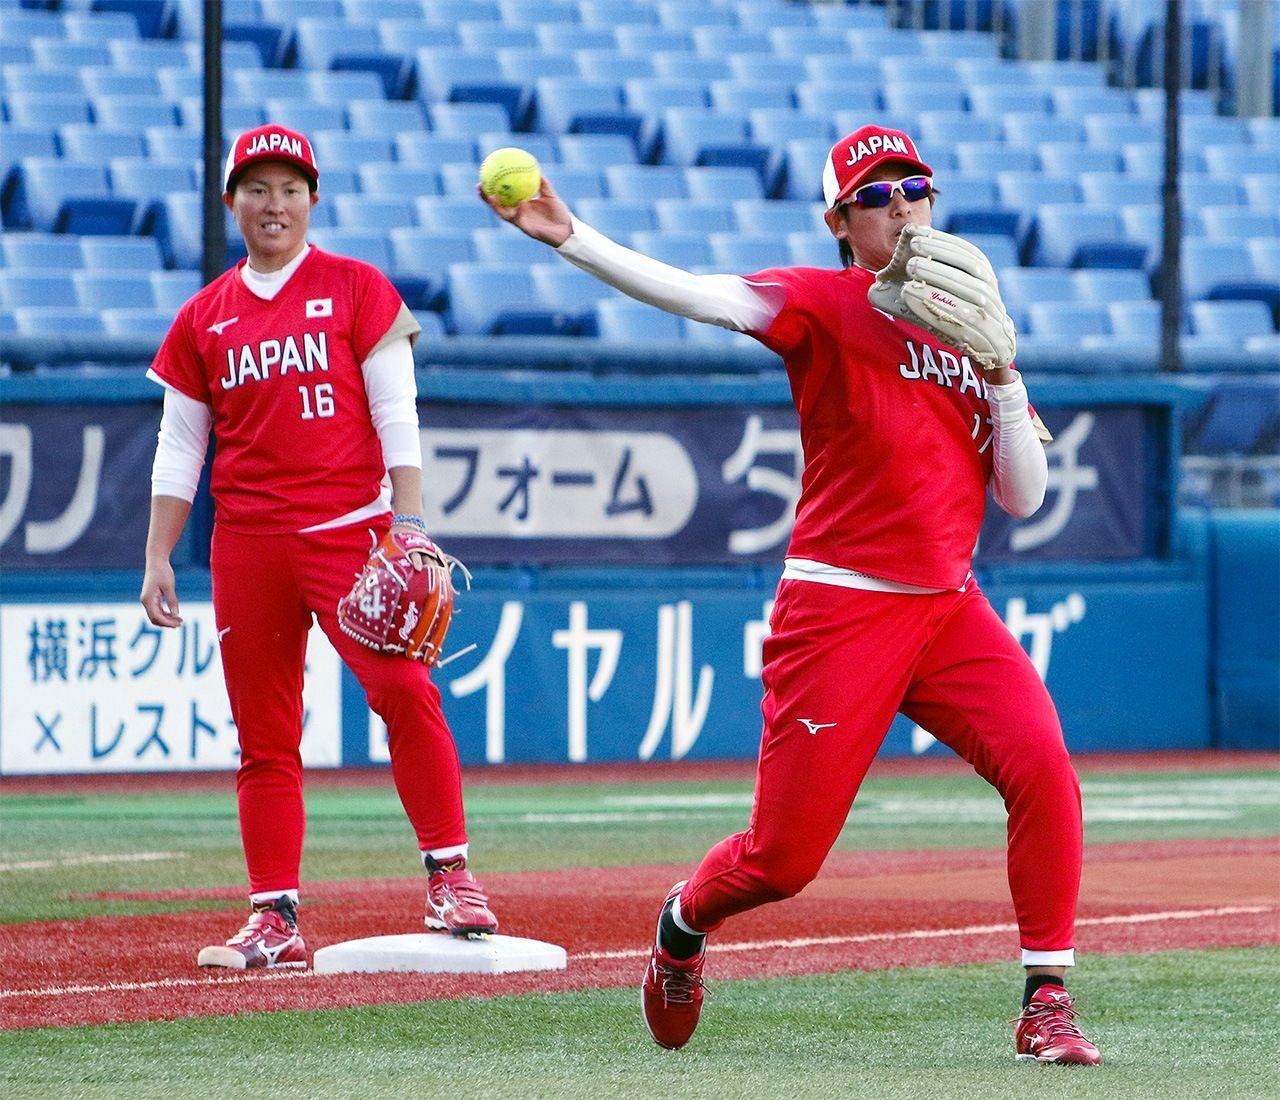 Фудзита (слева) наблюдает за игрой Уэно на тренировке на стадионе Йокогама 17 ноября 2020 года. (© Jiji)